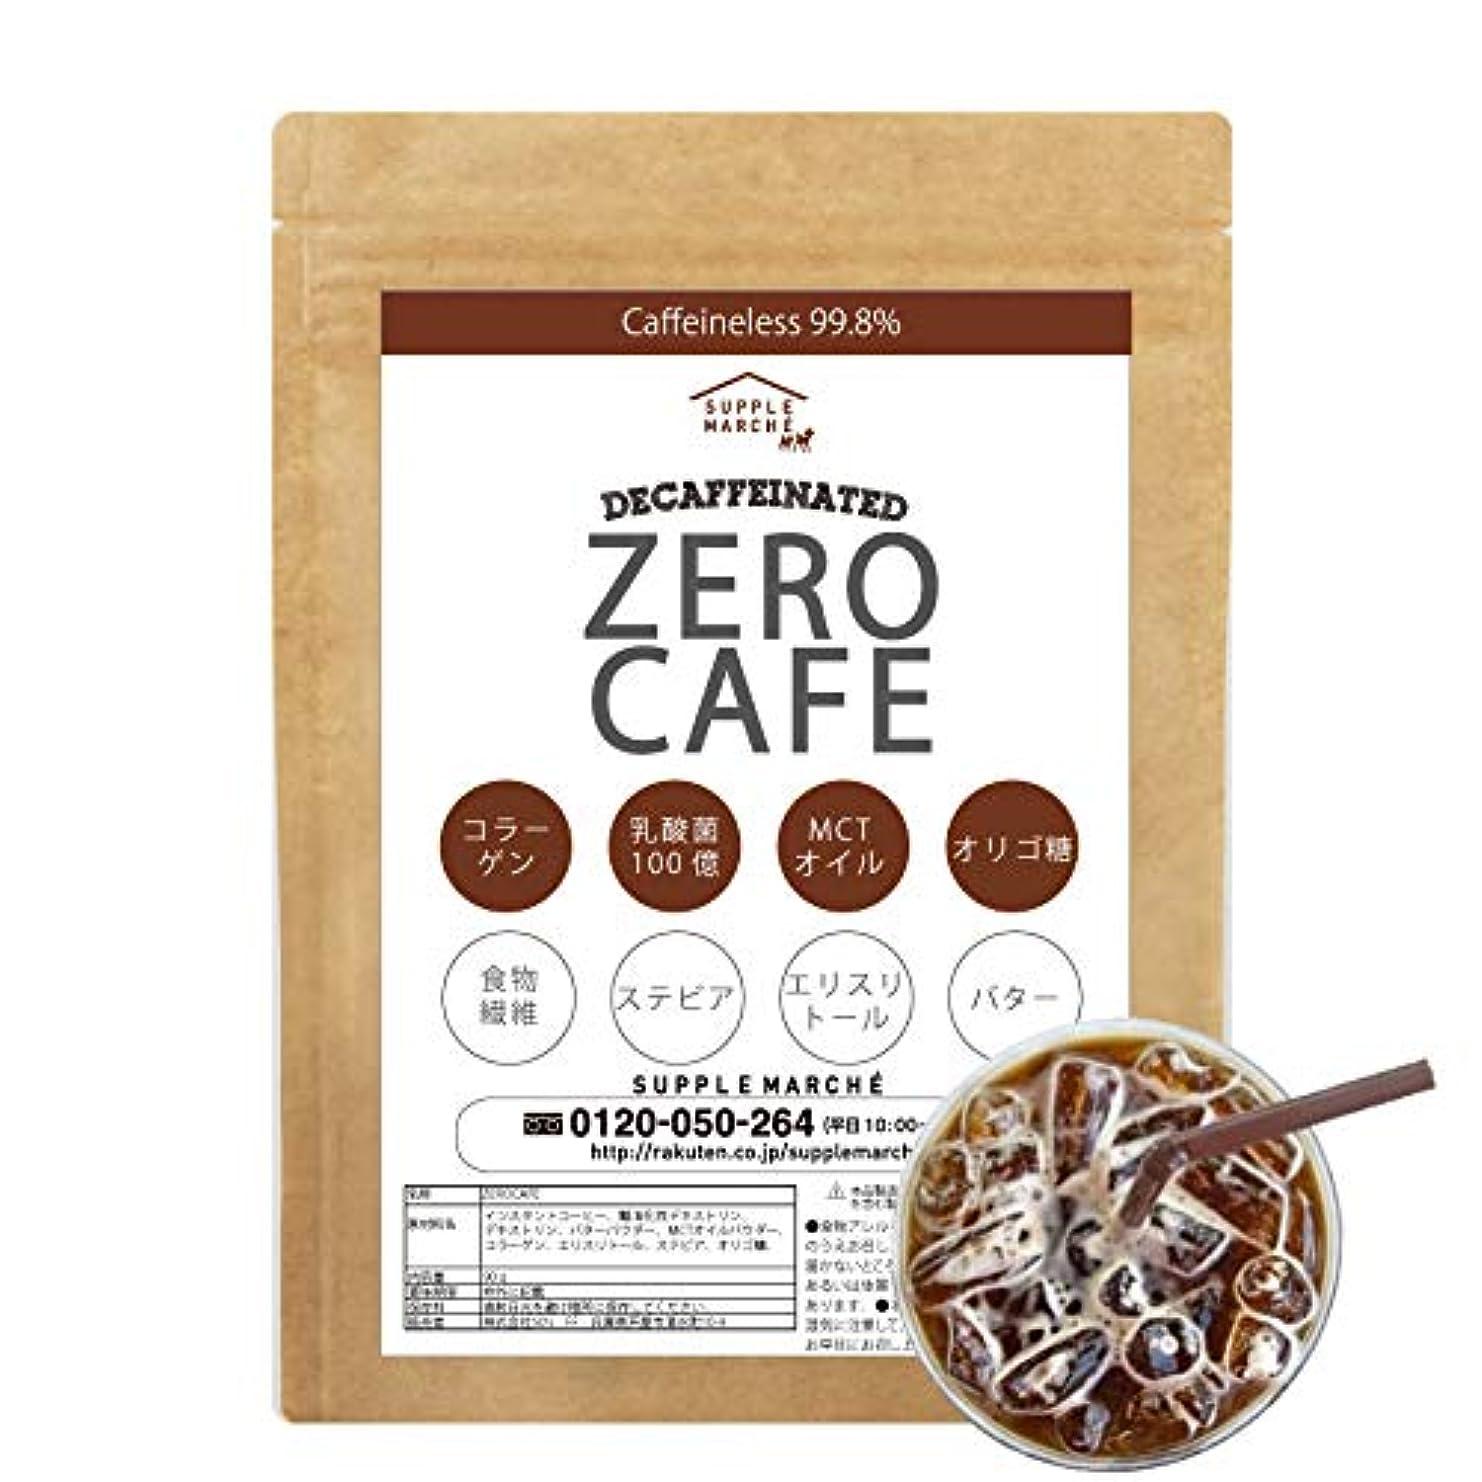 行列変数かんがいダイエットコーヒー デカフェ バターコーヒー 90g (約30杯) アイスコーヒー カフェインレス MCTオイル 乳酸菌 コラーゲン オリゴ糖 ダイエット シリコンバレー式